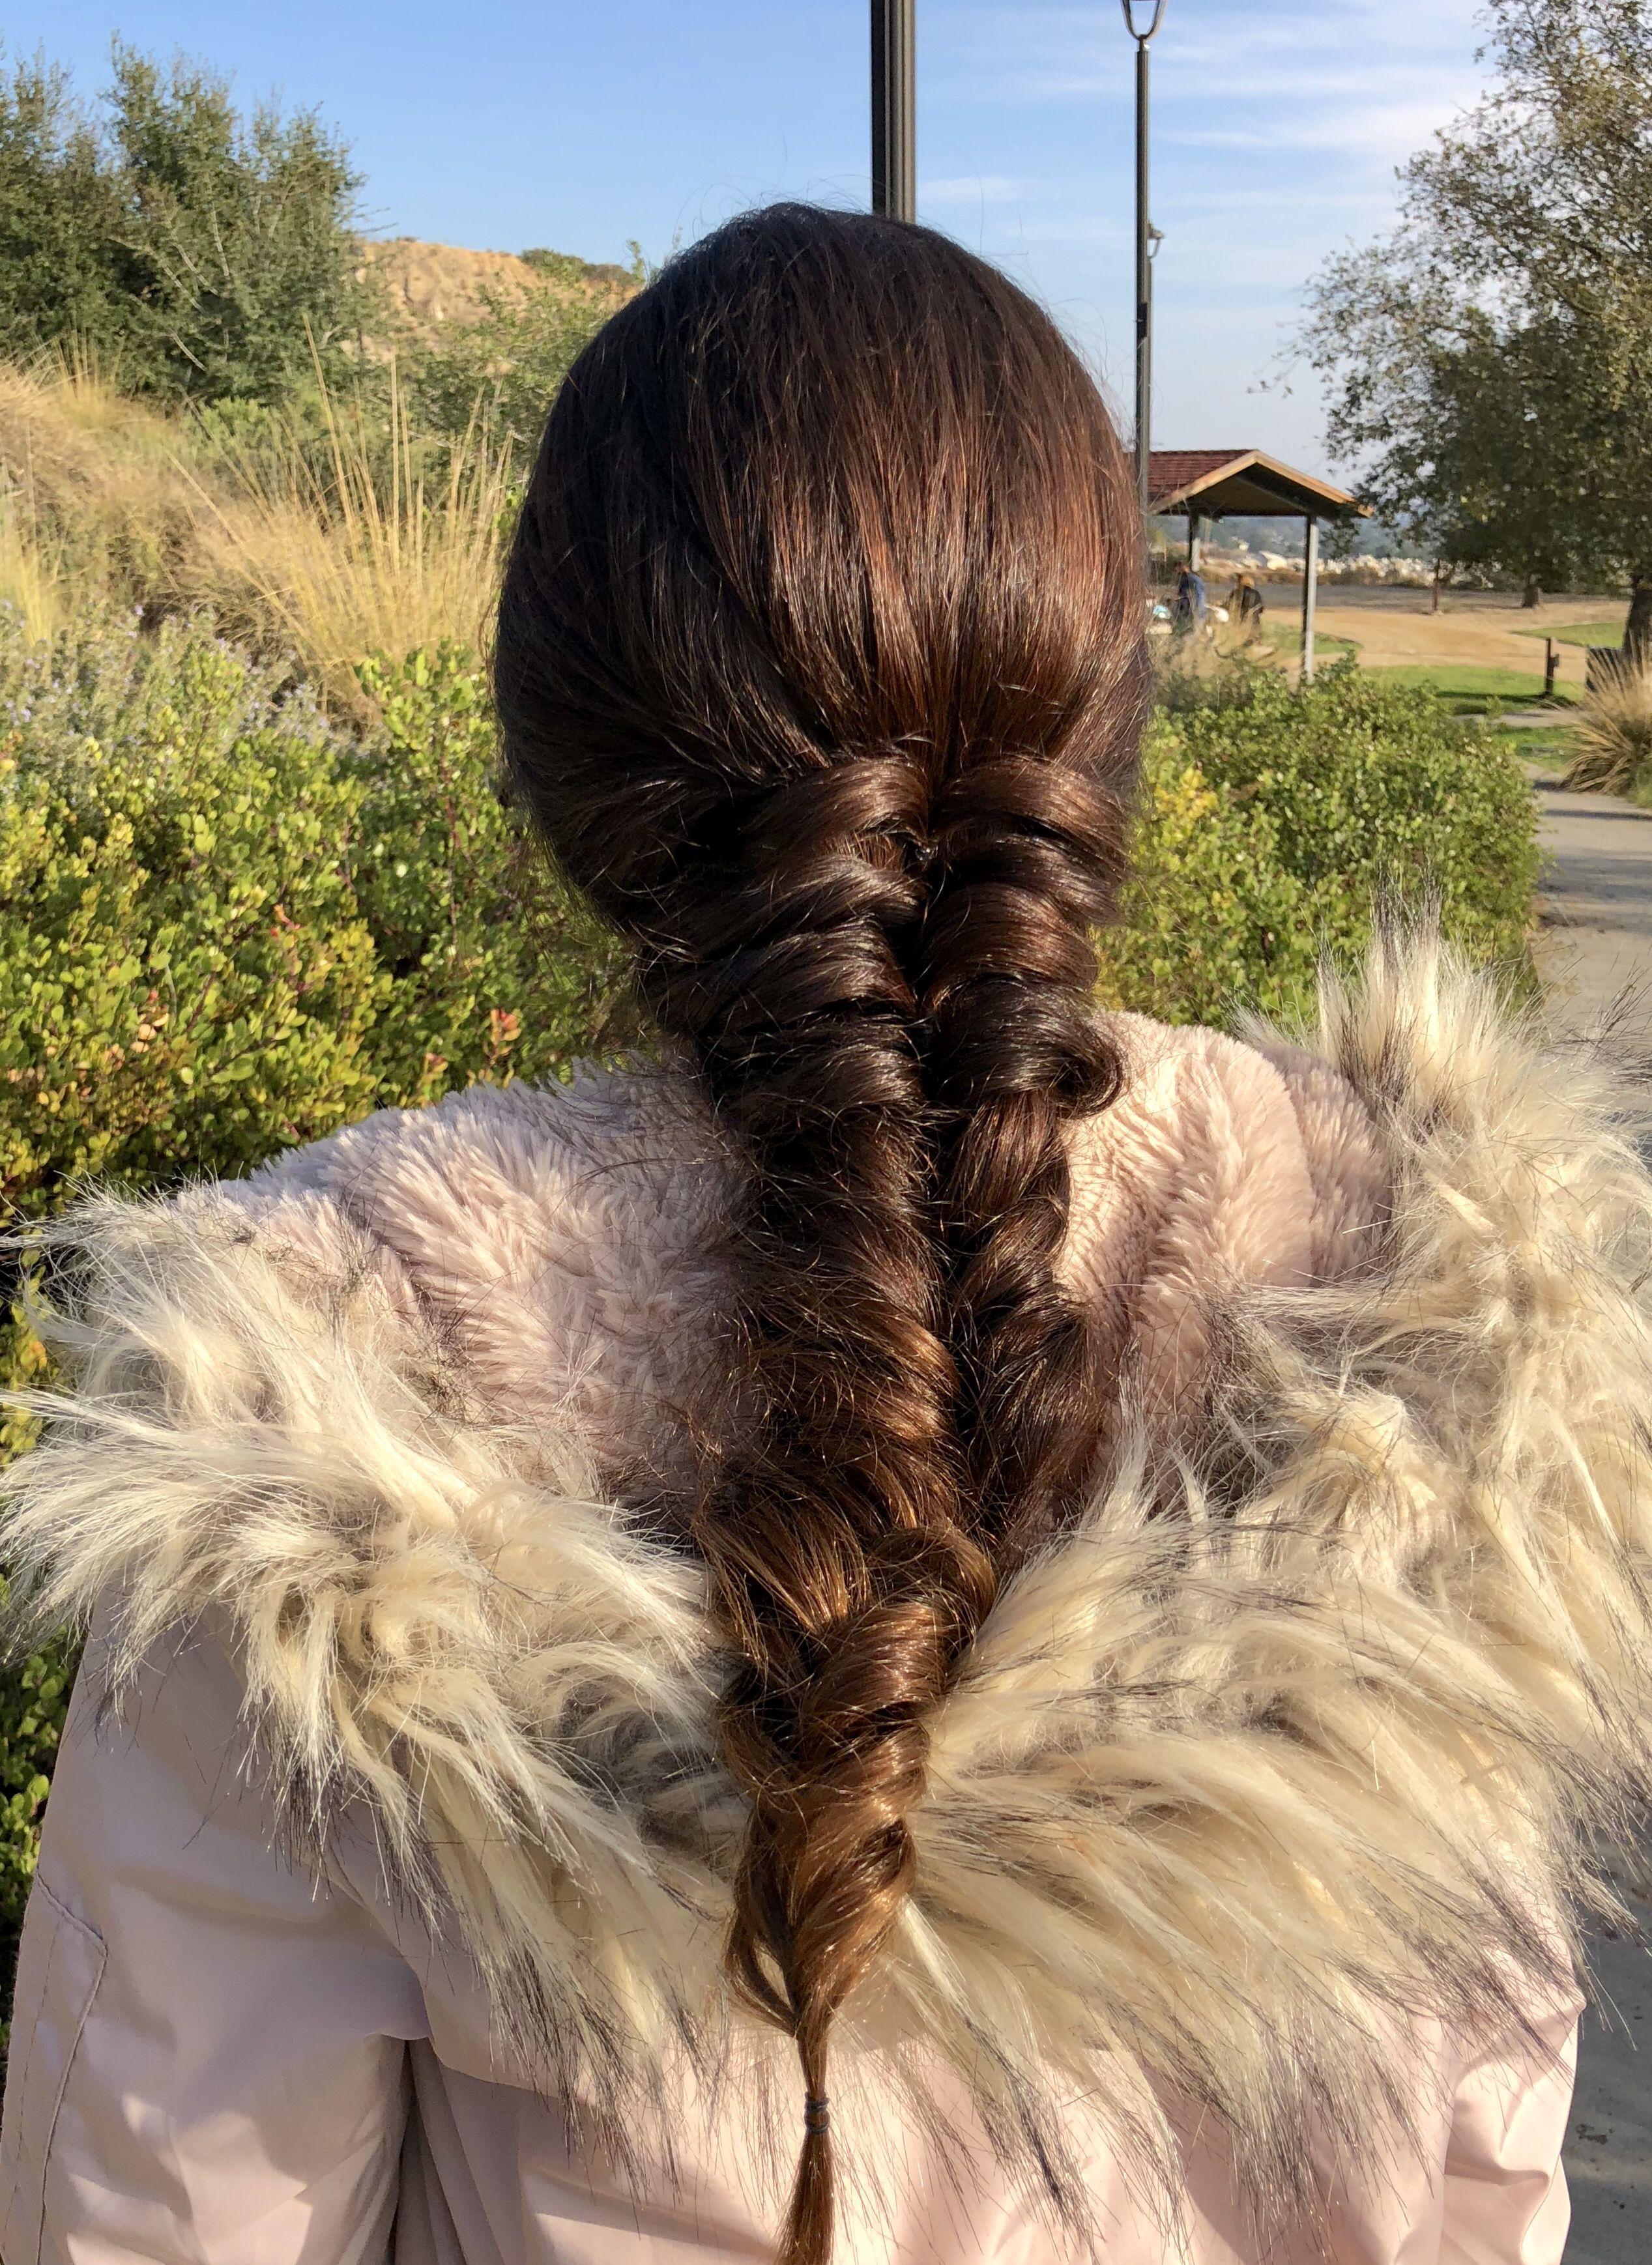 Clásico y sencillo peinados guays Colección de tendencias de color de pelo - 10 peinados hippies que lucen muy bien | Peinados hippies ...